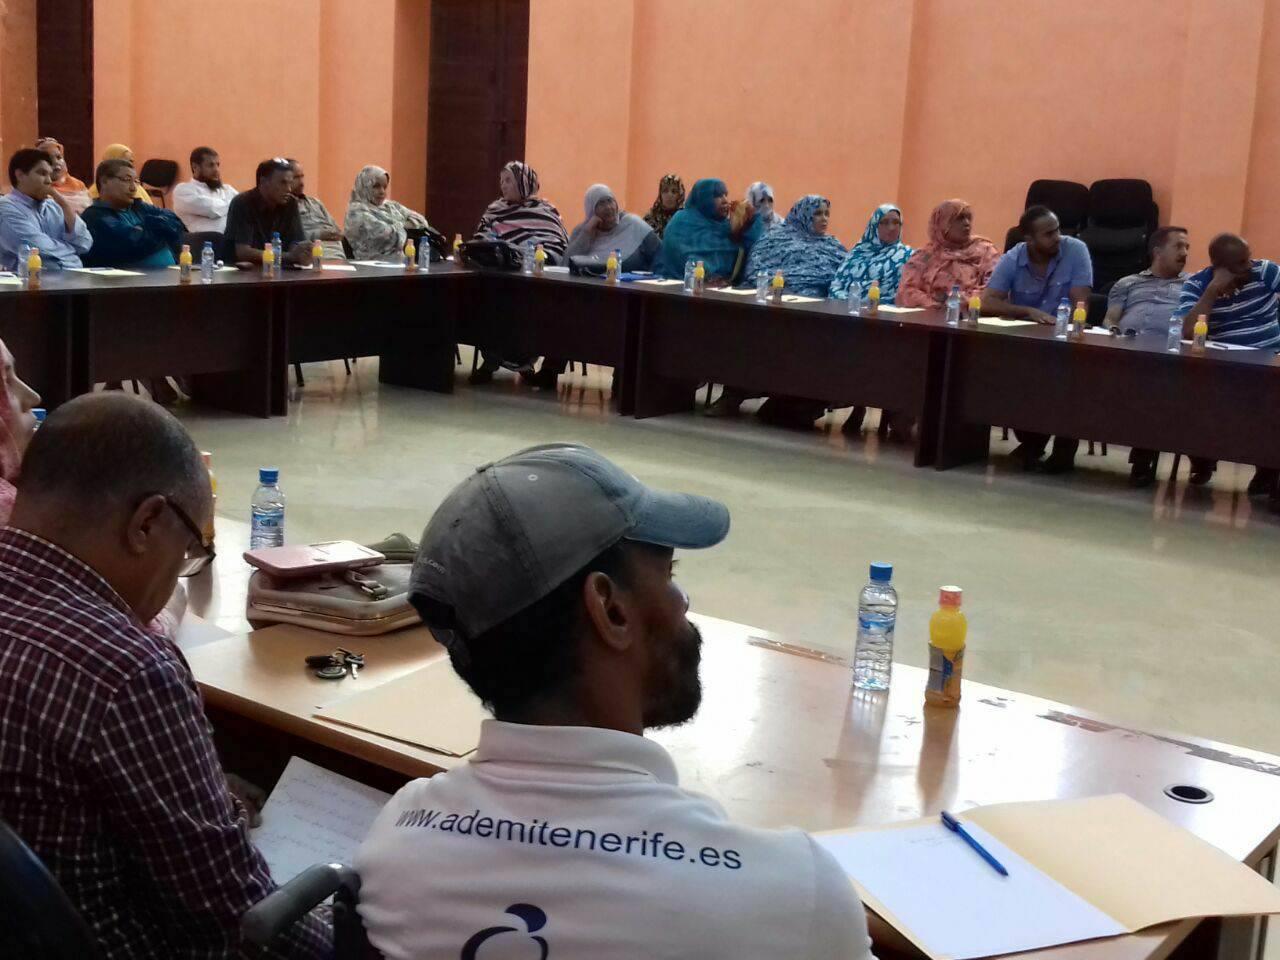 المنح تقسّم أغلبية جماعة طانطان والرئيس يحرم الجمعيات من الدعم